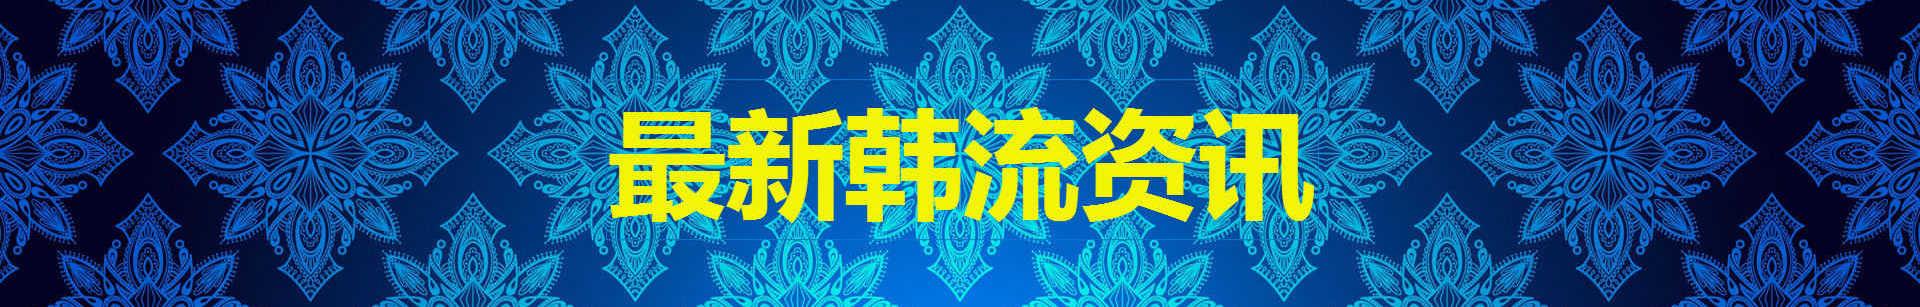 最新韩流资讯 banner